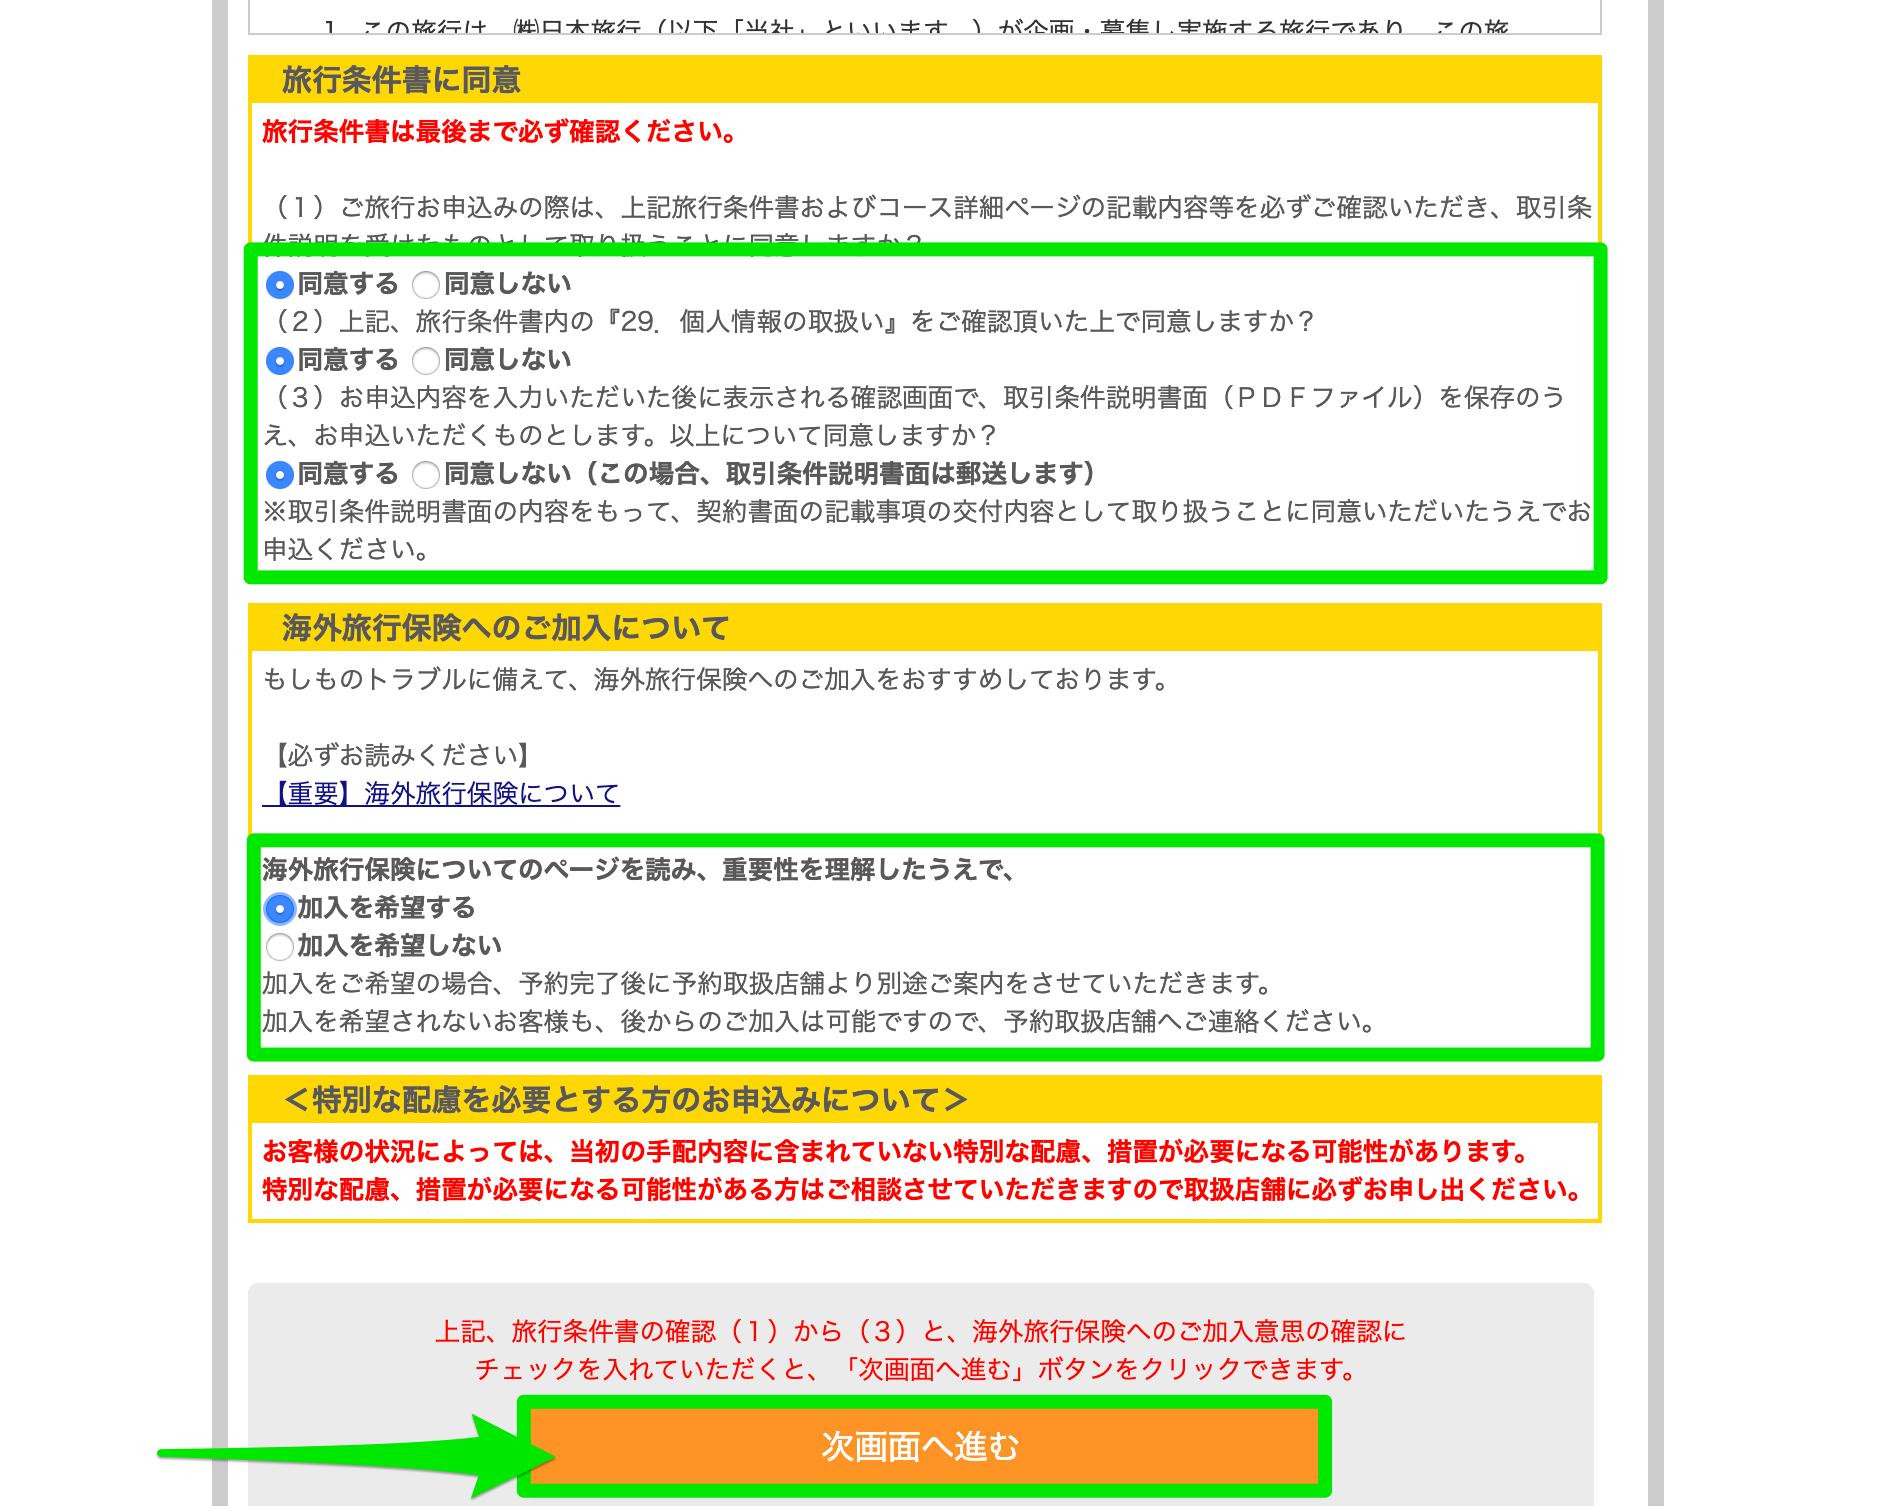 日本旅行の海外ツアー予約規約に同意